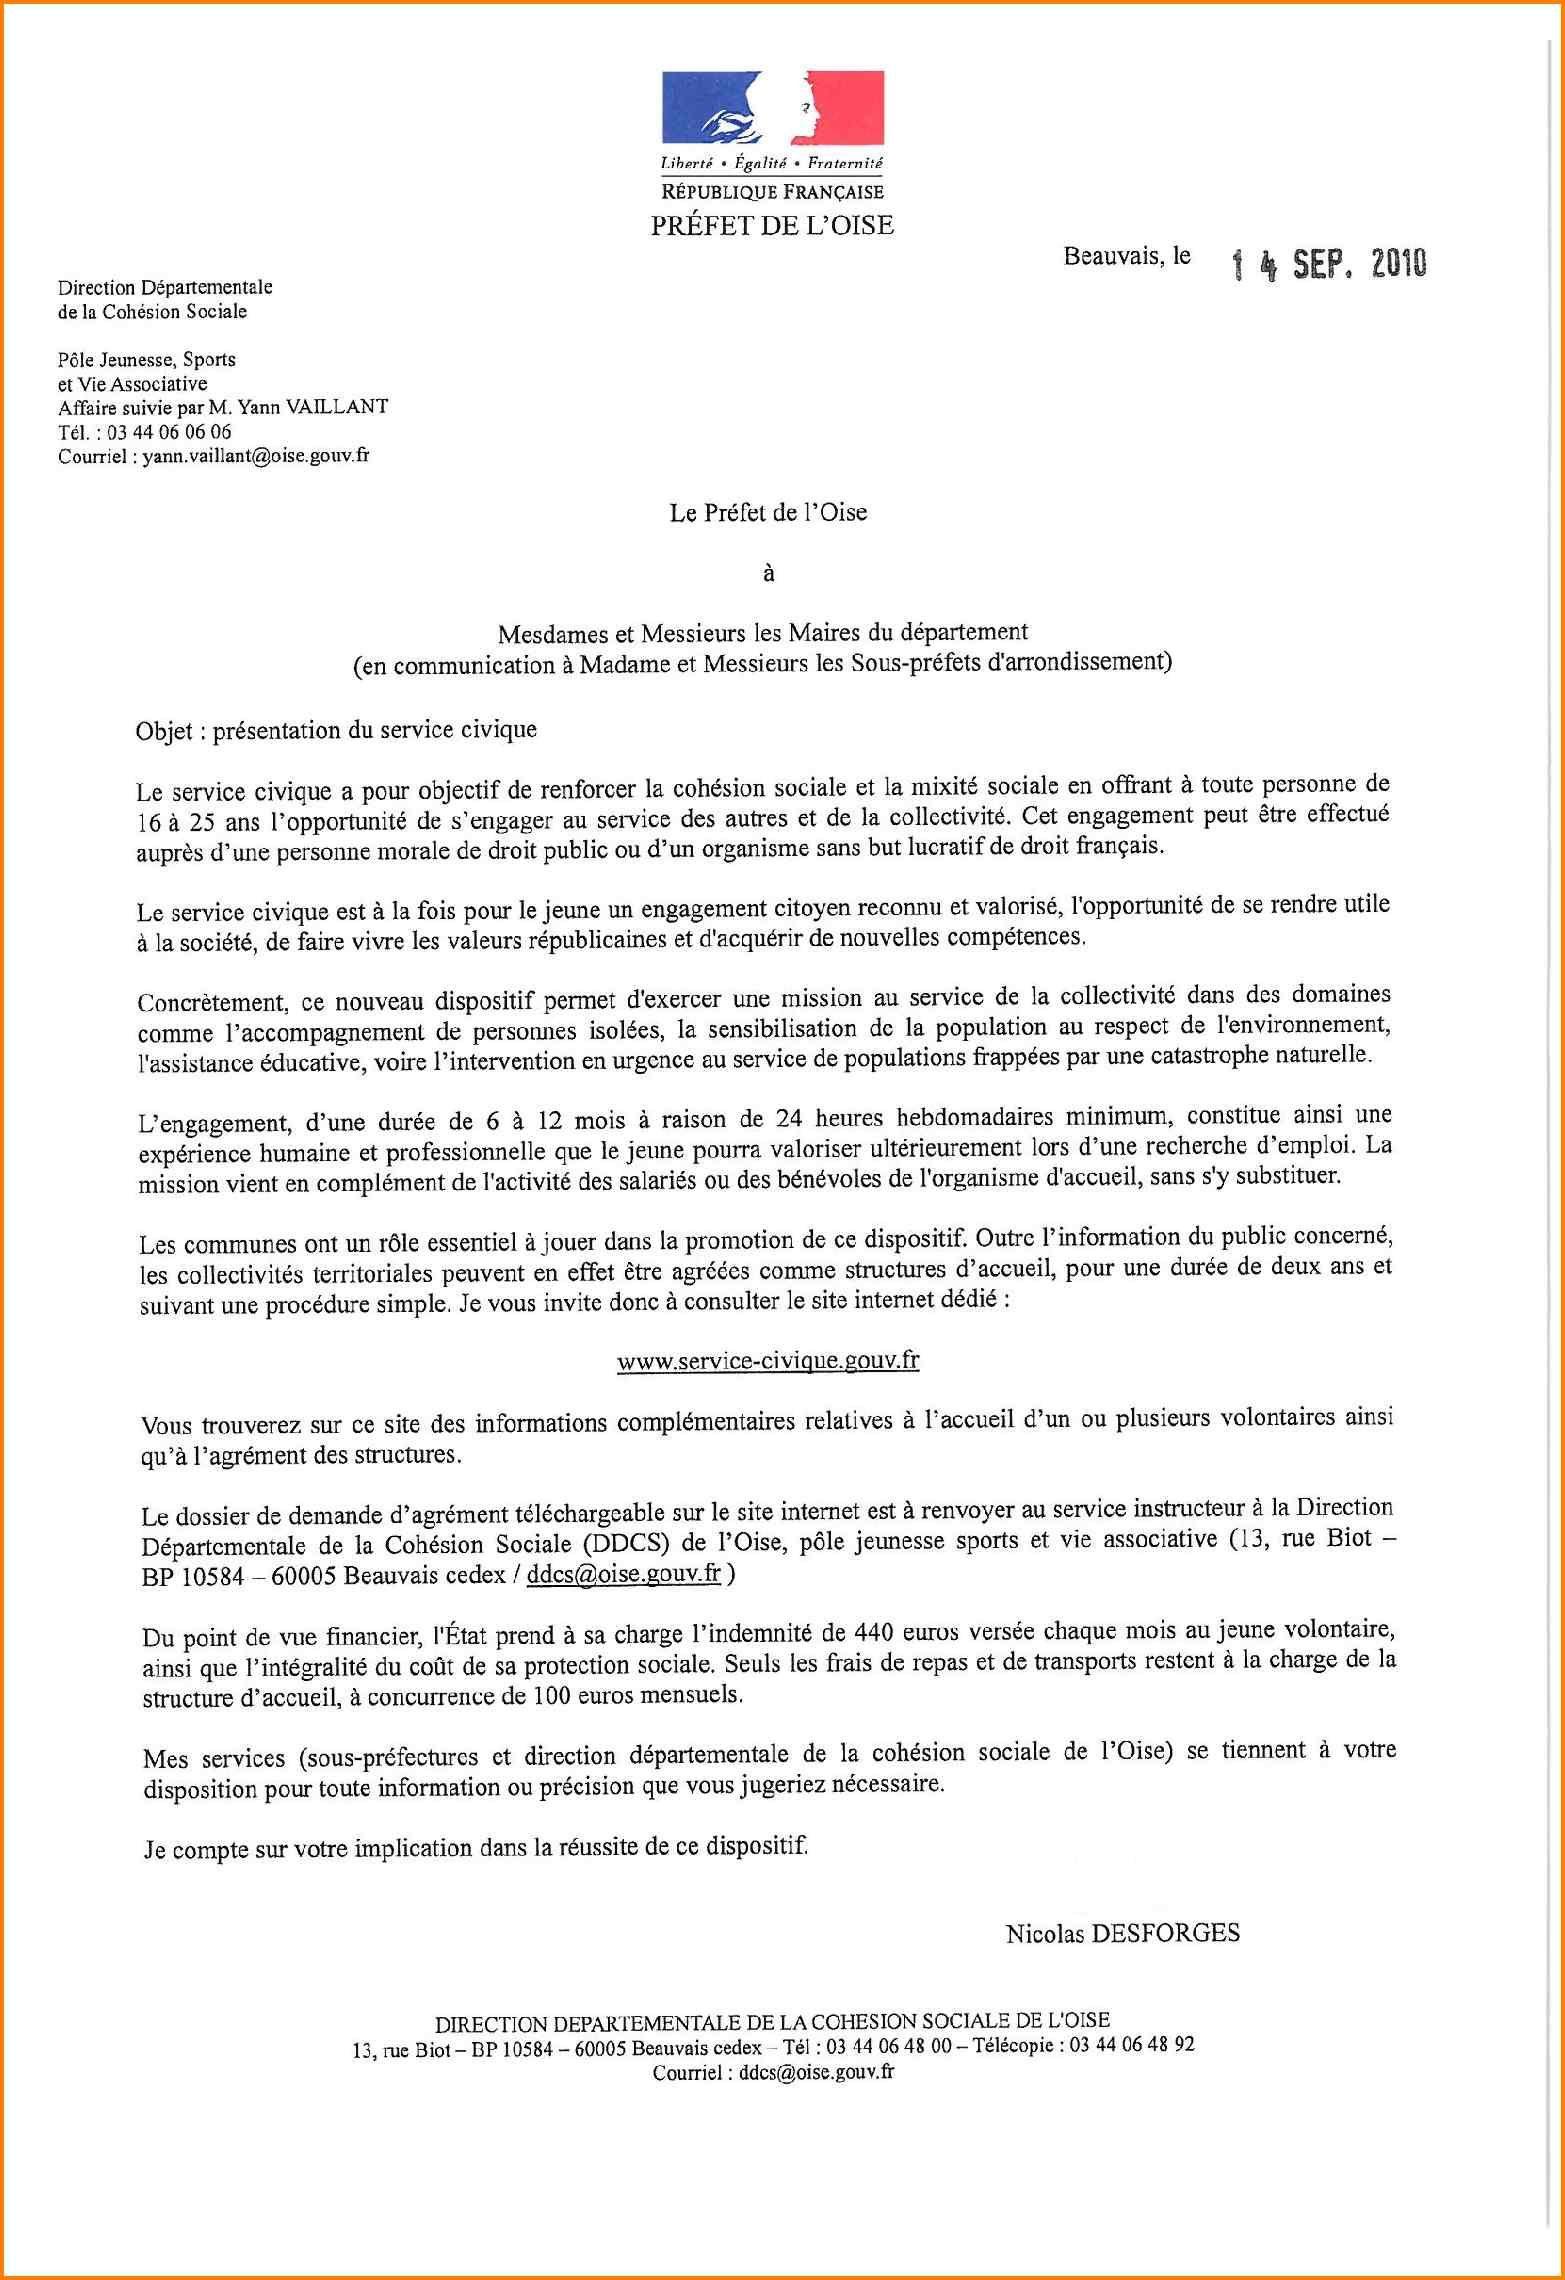 image formules de politesse lettre administrative modele cv